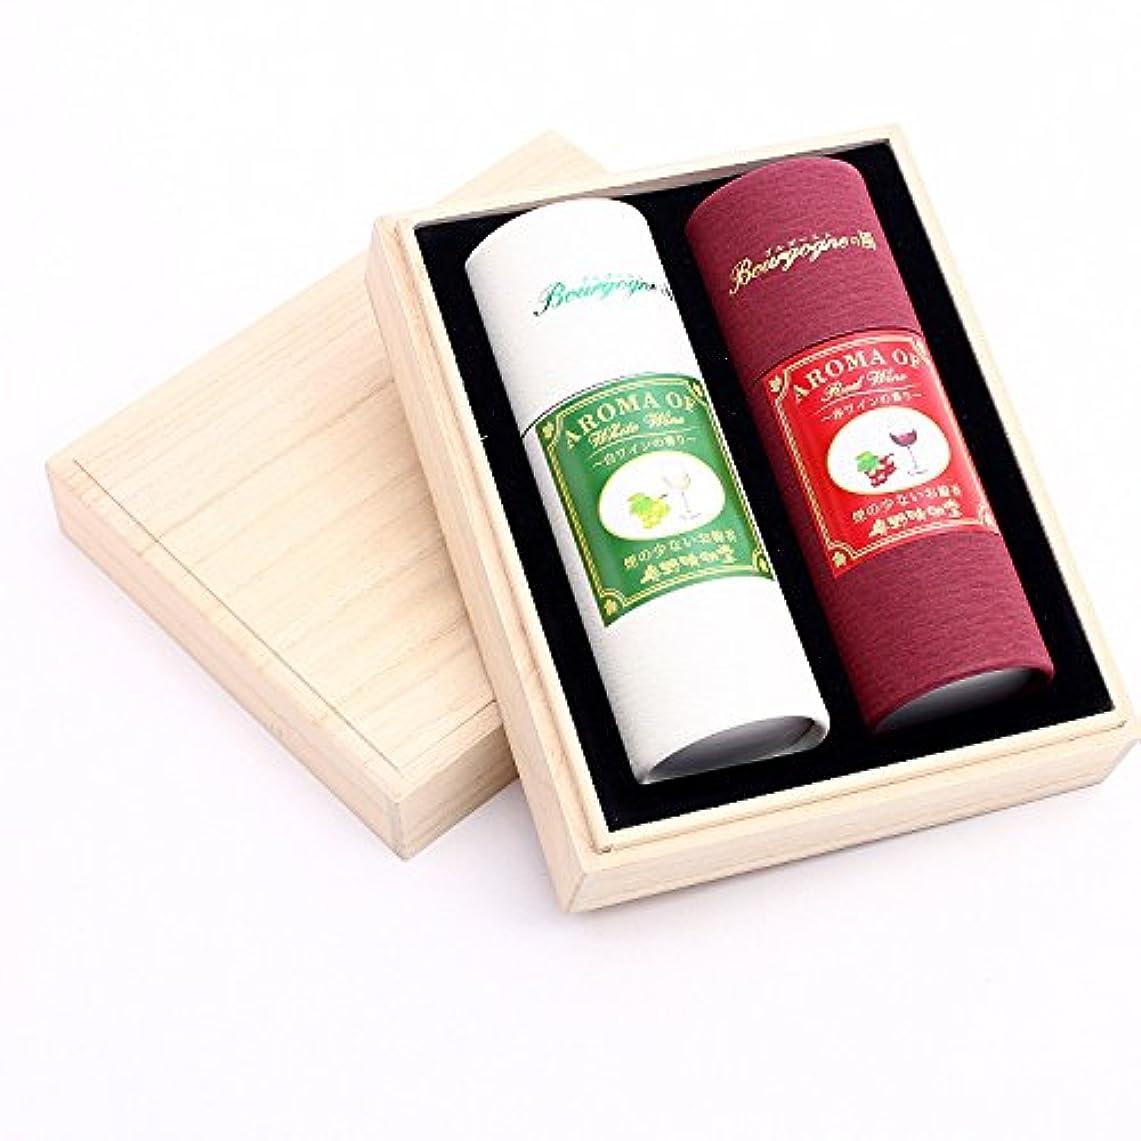 高価なお酒原稿ワインの香りのお線香 奥野晴明堂 Bourgogne(ブルゴーニュ)の風 赤?白ワインの香り 桐箱2本入り 28-3 微煙タイプ